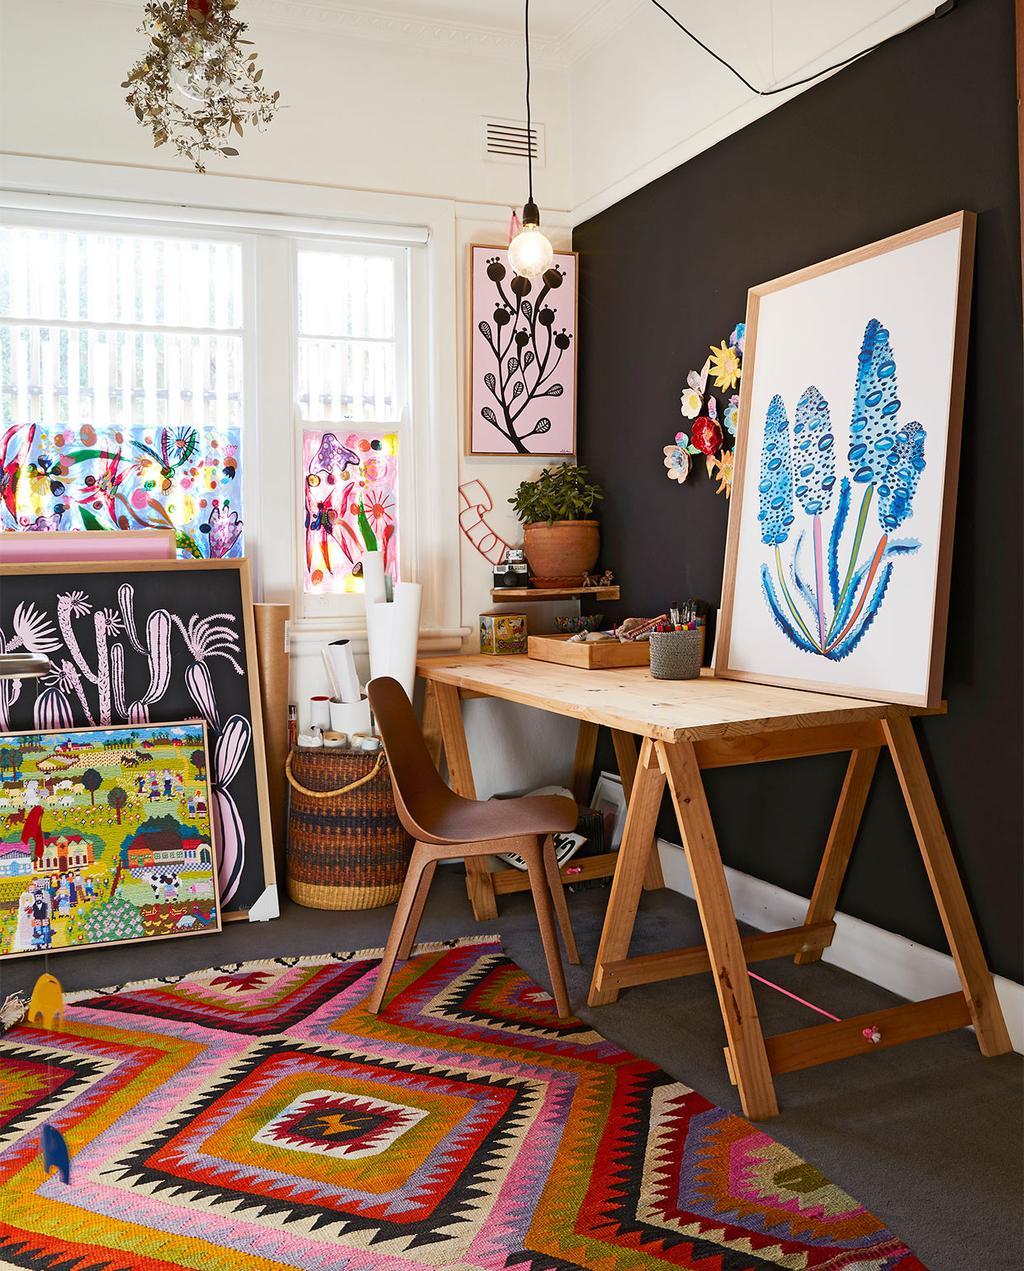 vtwonen binnenkijk special zomerhuizen 07-2021 | bureau in de werkkamer in Melbourne met een kleurrijk vloerkleed met patronen en veel verschillende kunstwerken staand tegen de muur